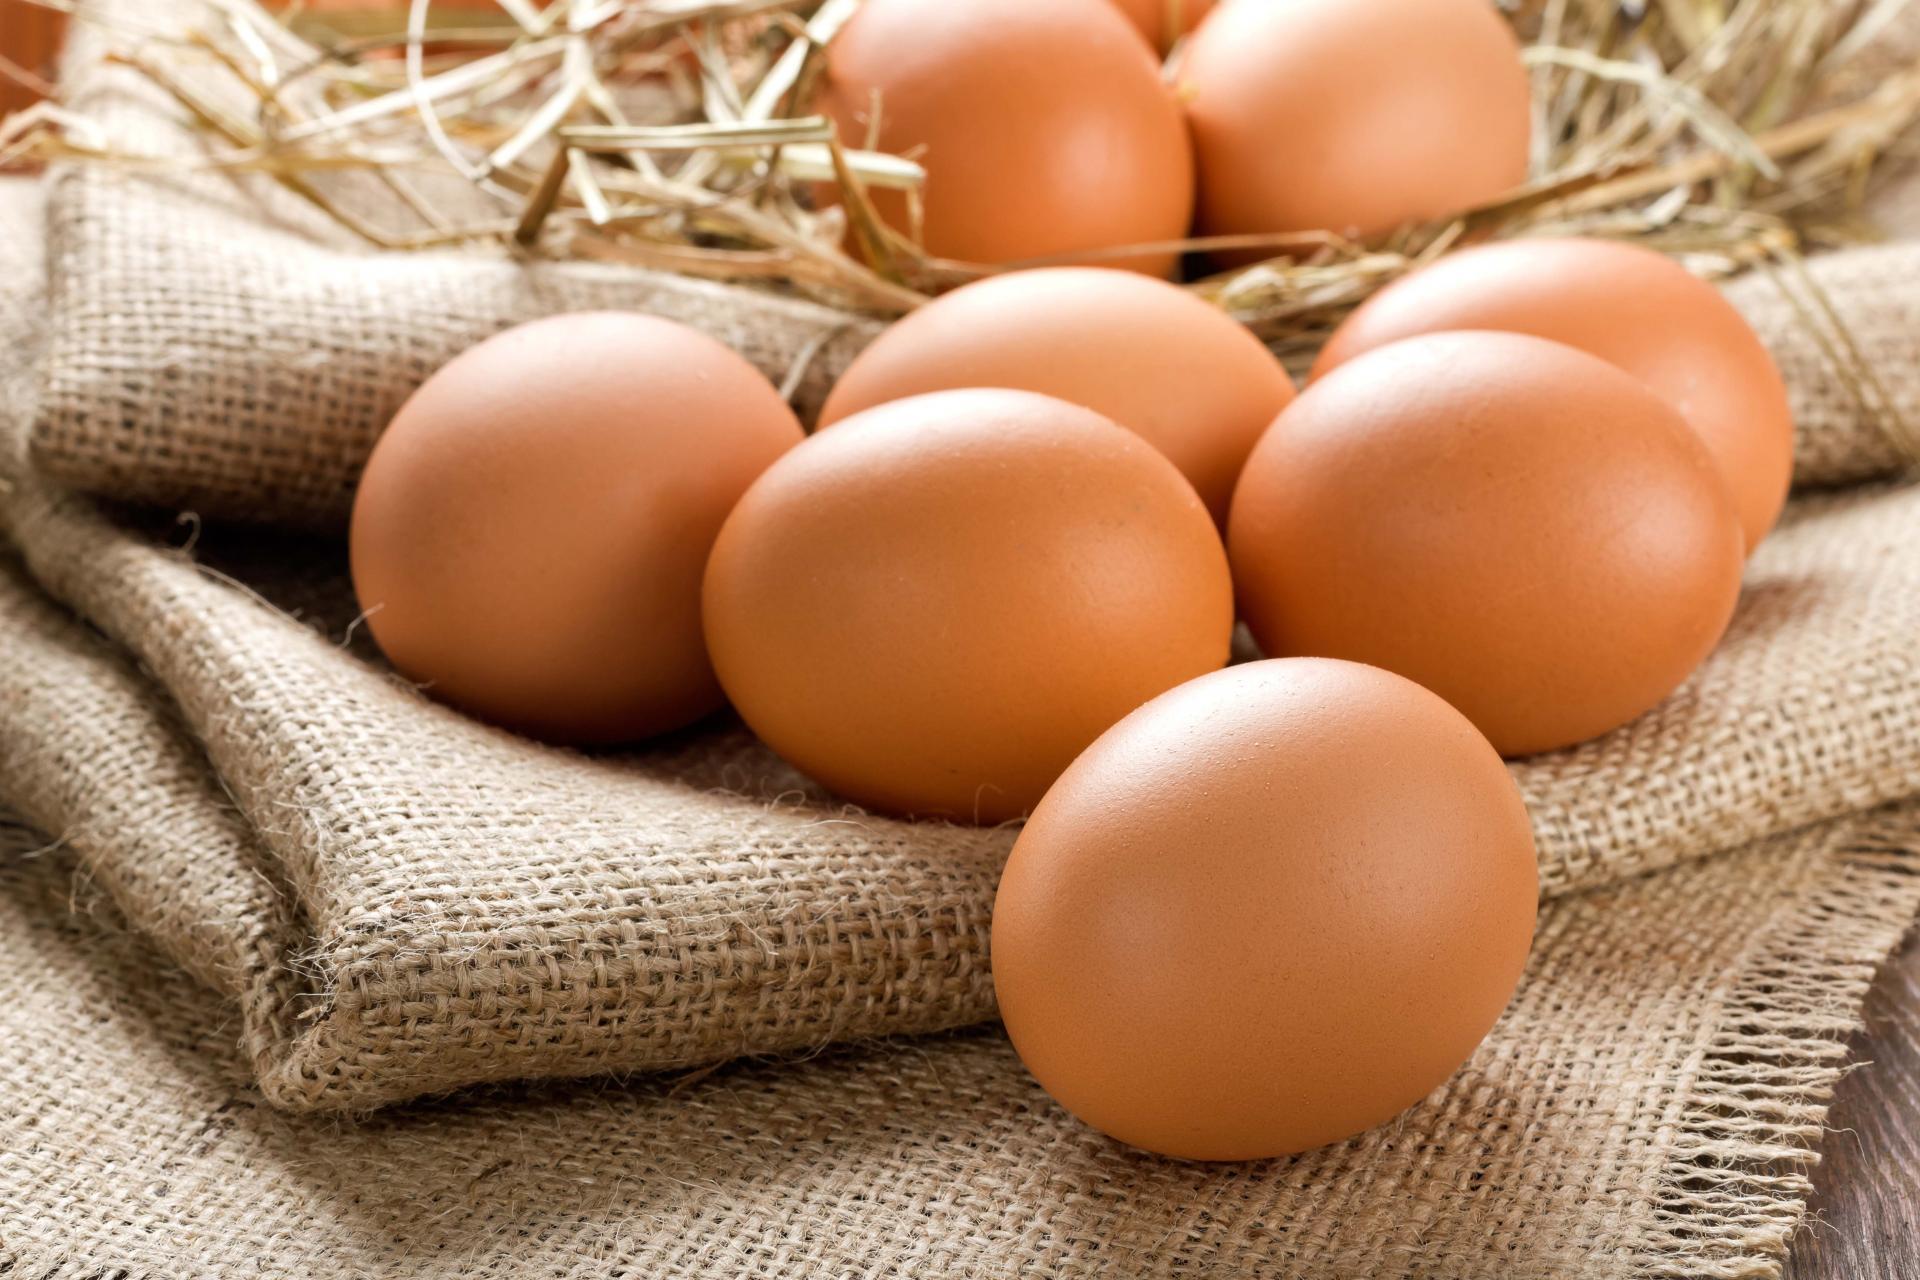 Аллергия на яйца: признаки заболевания и как с этим бороться